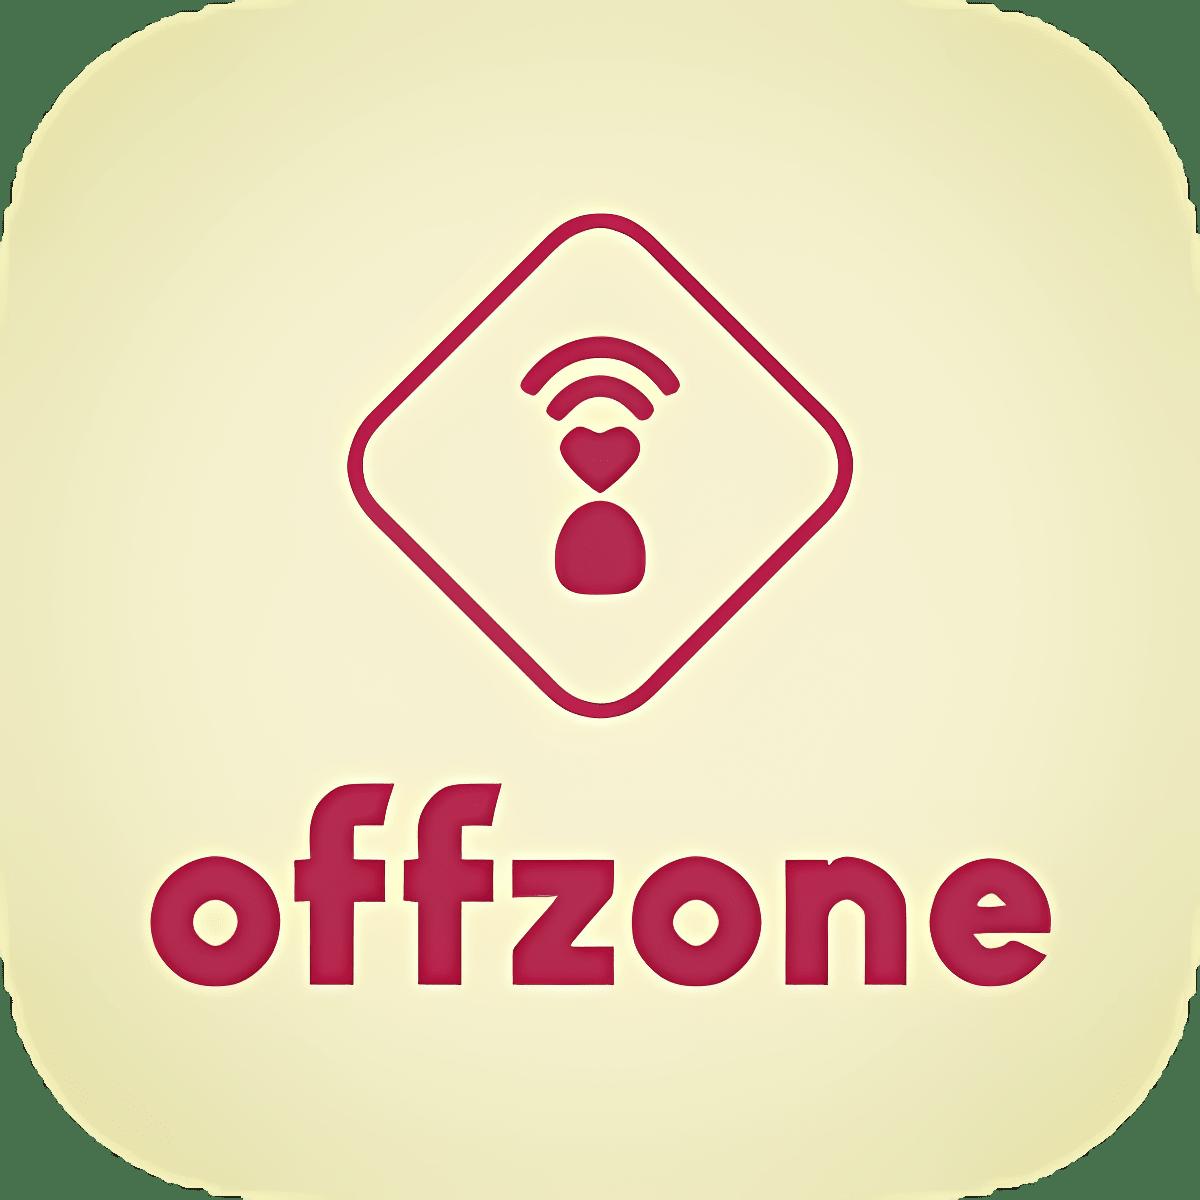 Offzone